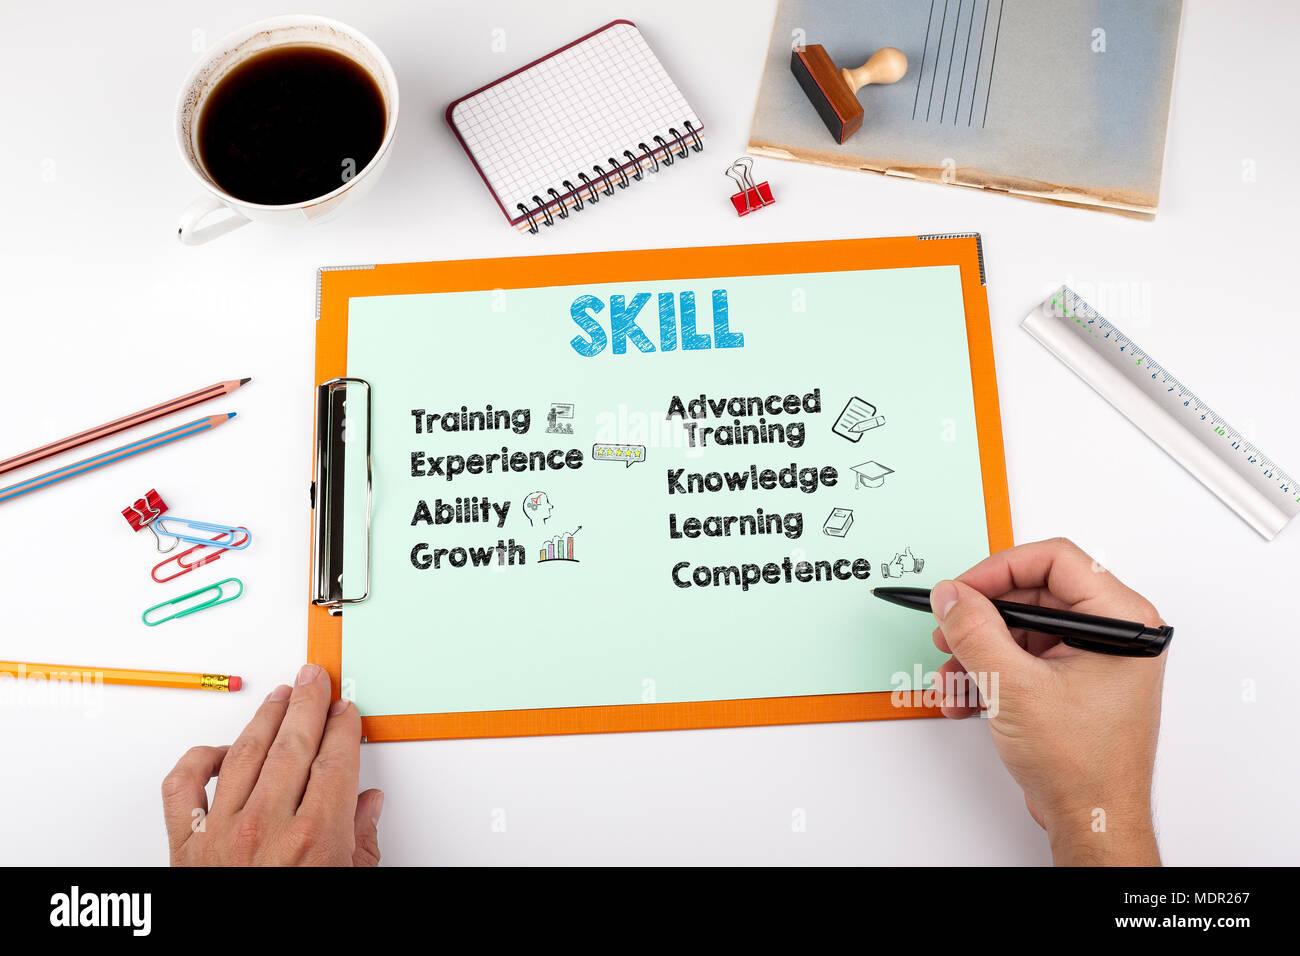 Concepto de habilidades, palabras e iconos. Mesa de despacho con papelería Imagen De Stock